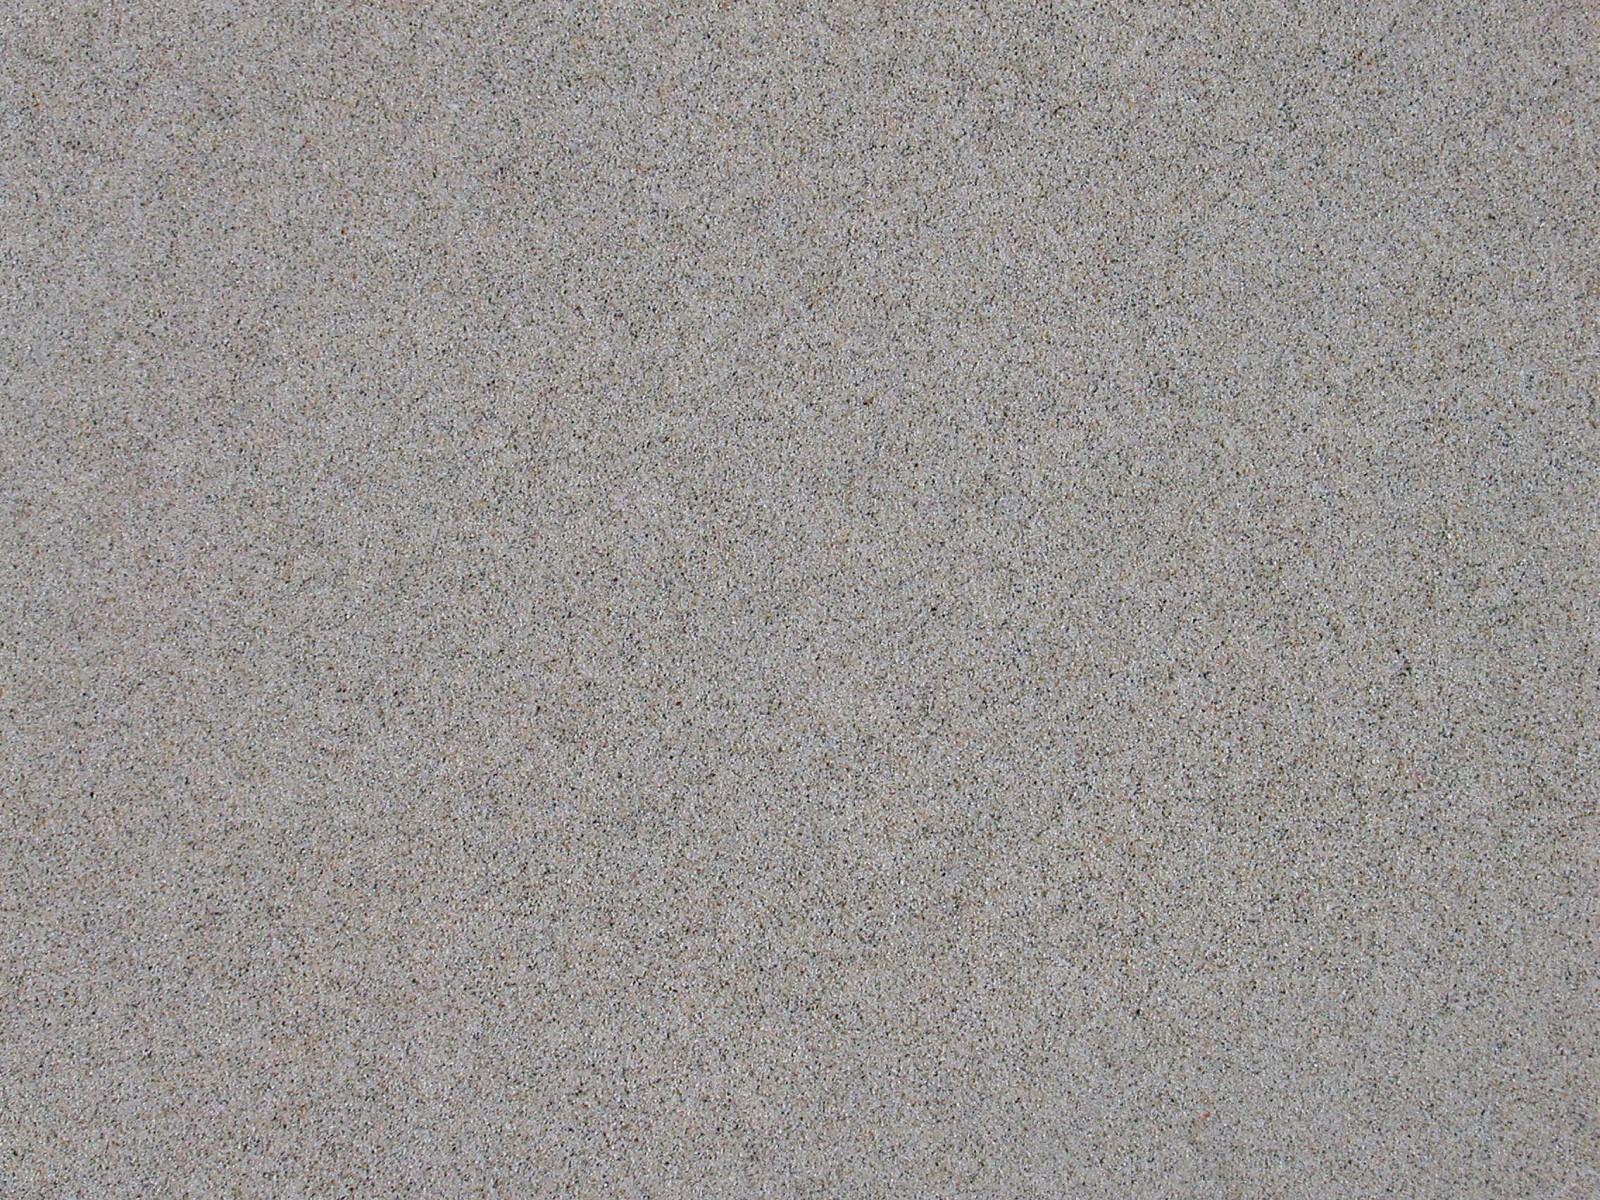 Koopman Wallpaper 1600x1200